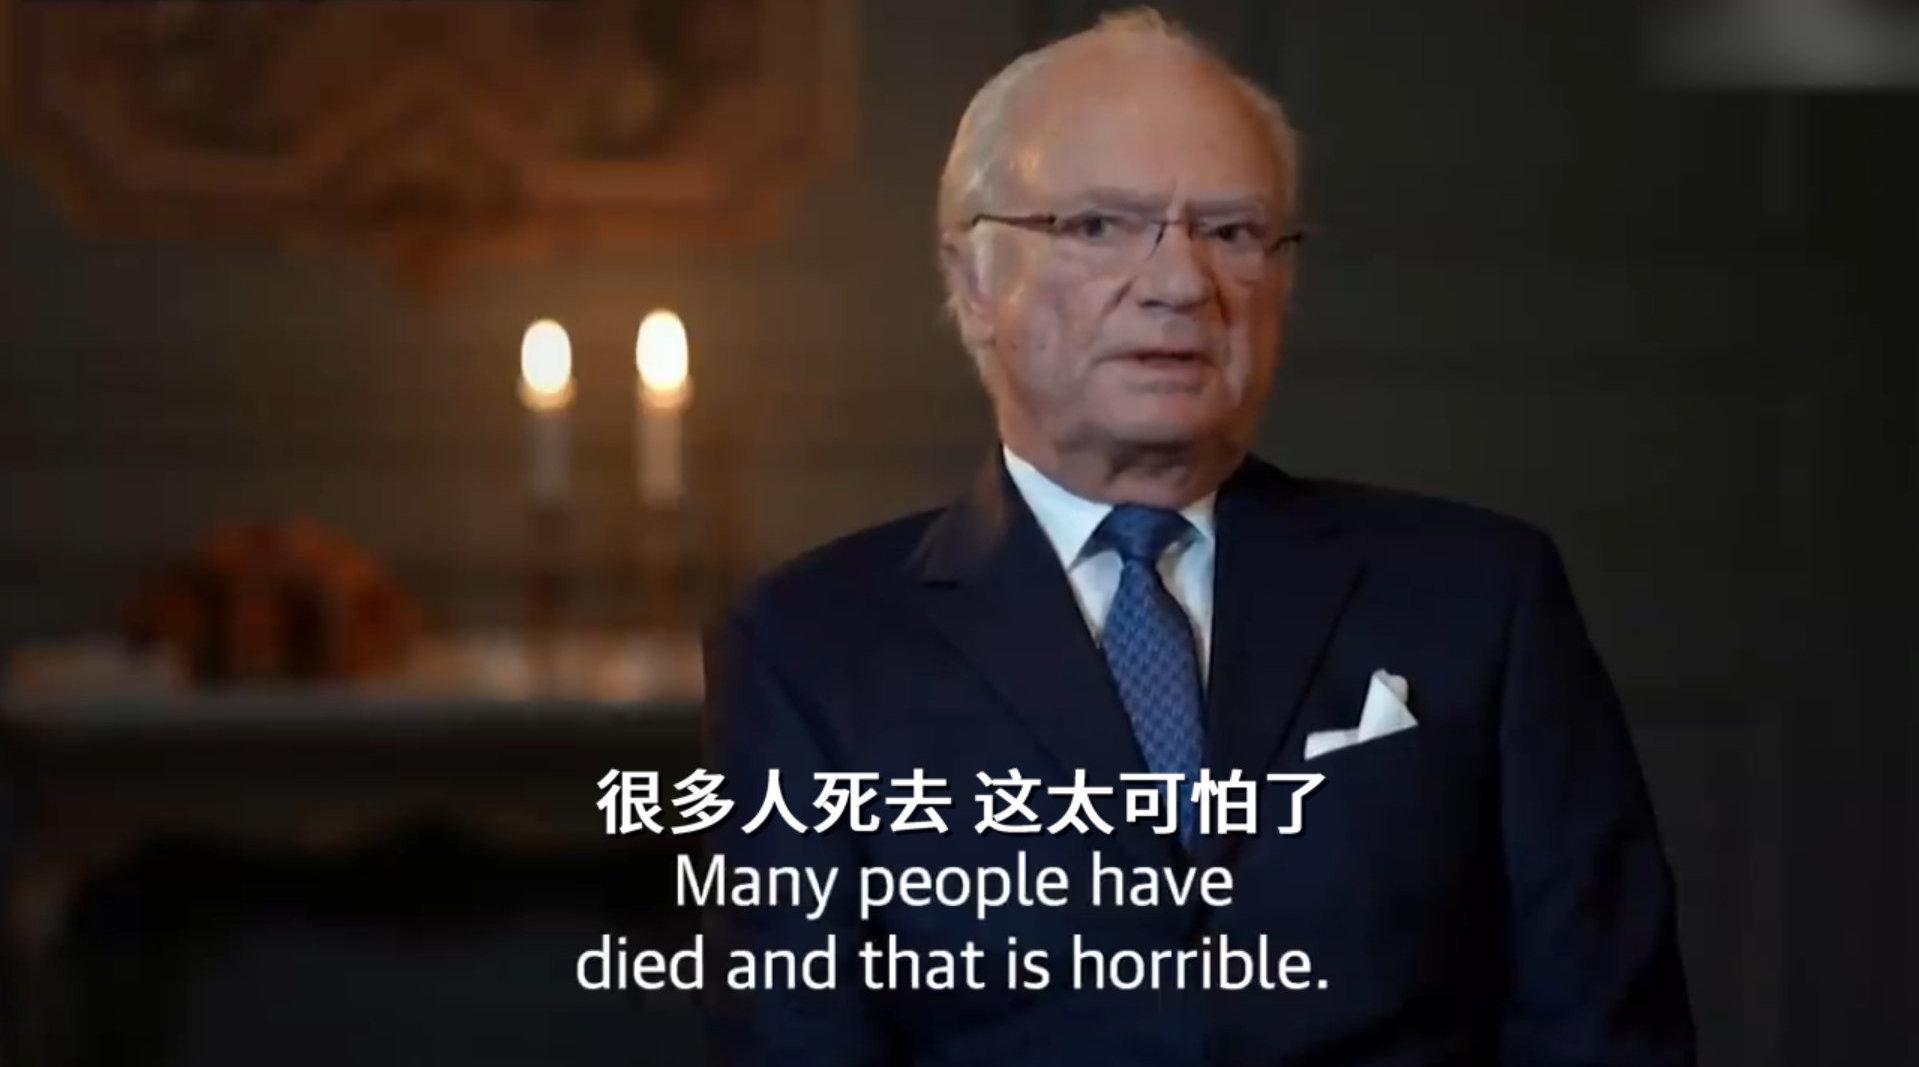 瑞典国王承认抗疫失败:太可怕了!人民遭受极大痛苦